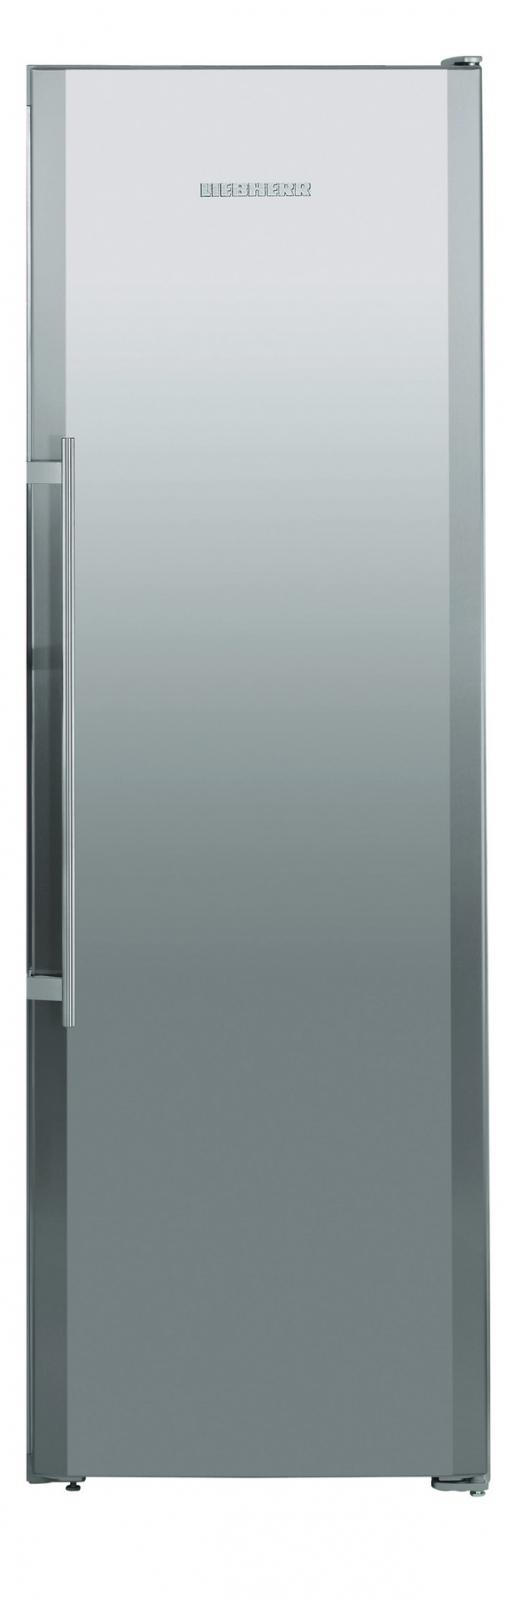 купить Однокамерный холодильник Liebherr SKesf 4240 Украина фото 2